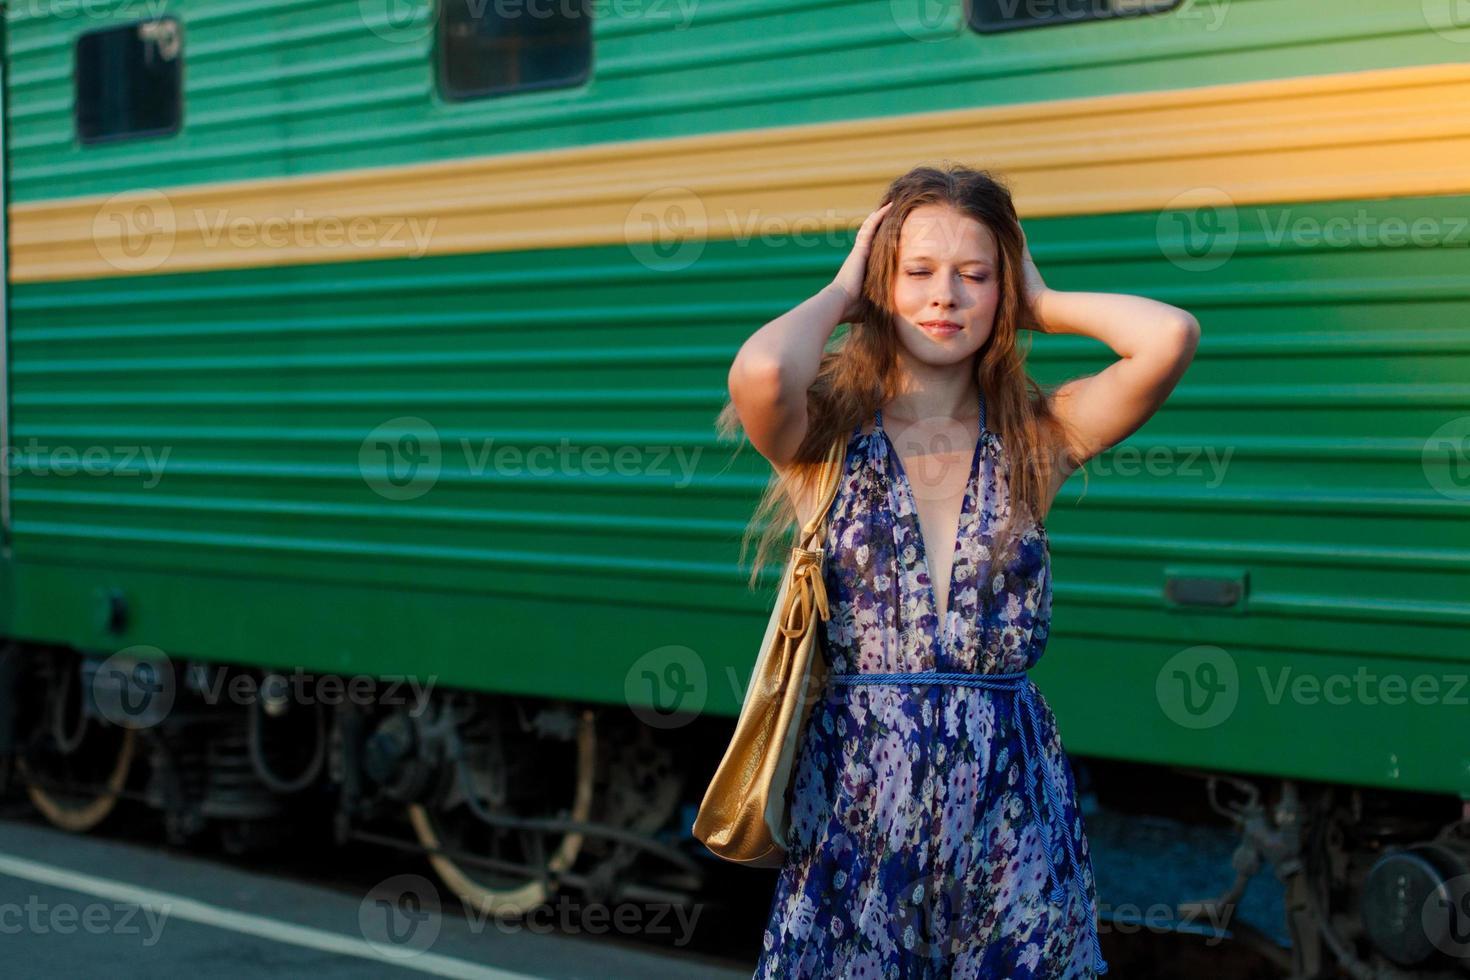 vrouw wacht trein op het perron foto